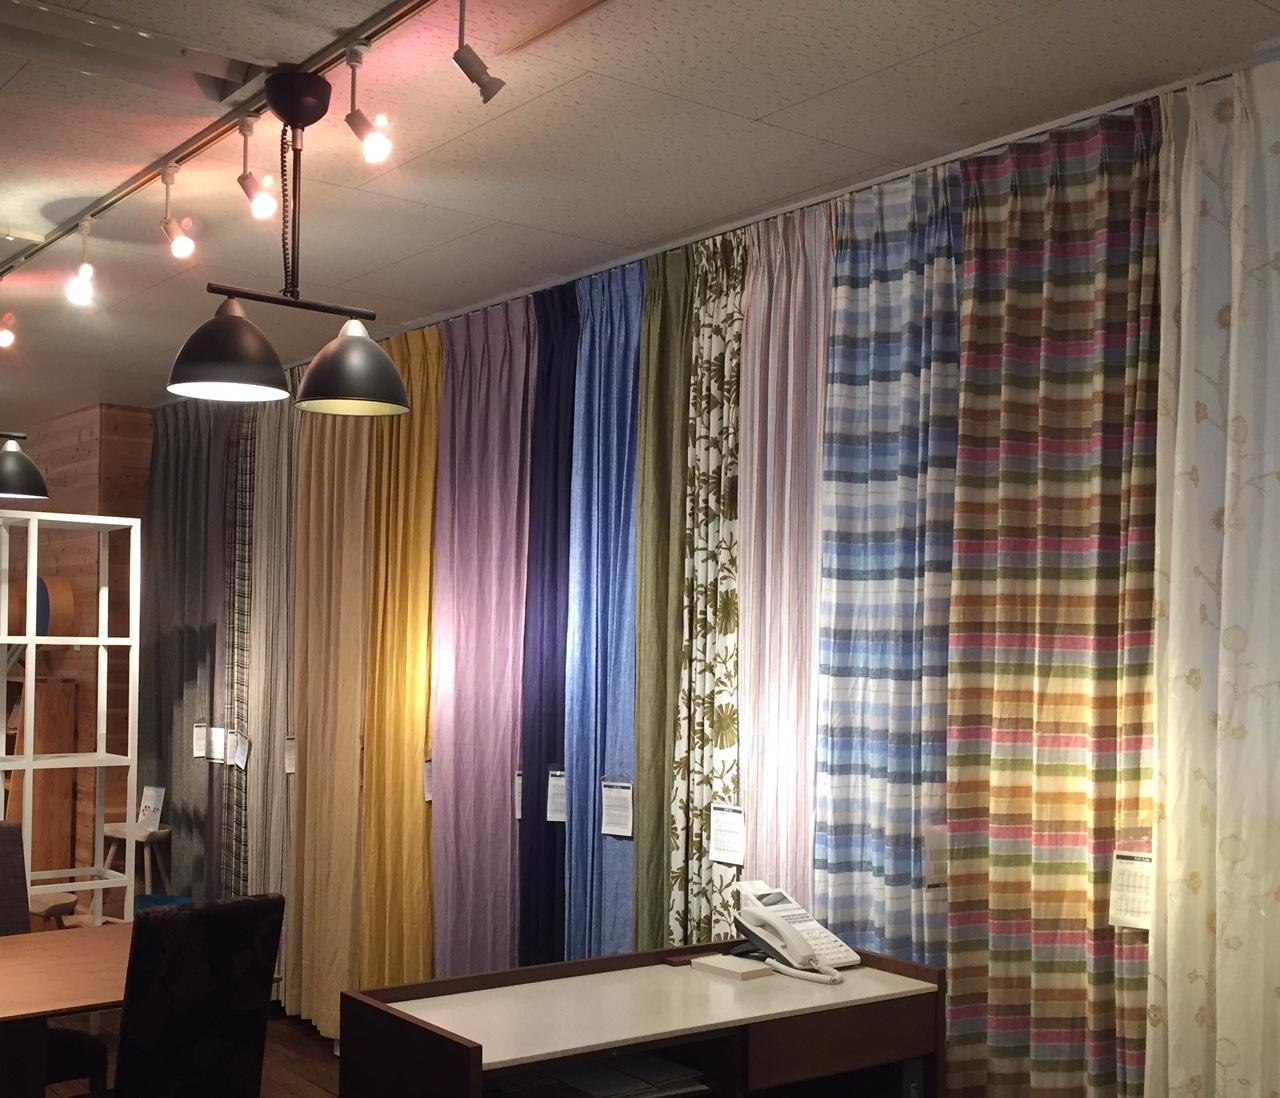 魔法の布「リネン」カーテンの魅力 | インテリアデザインヴィーナス